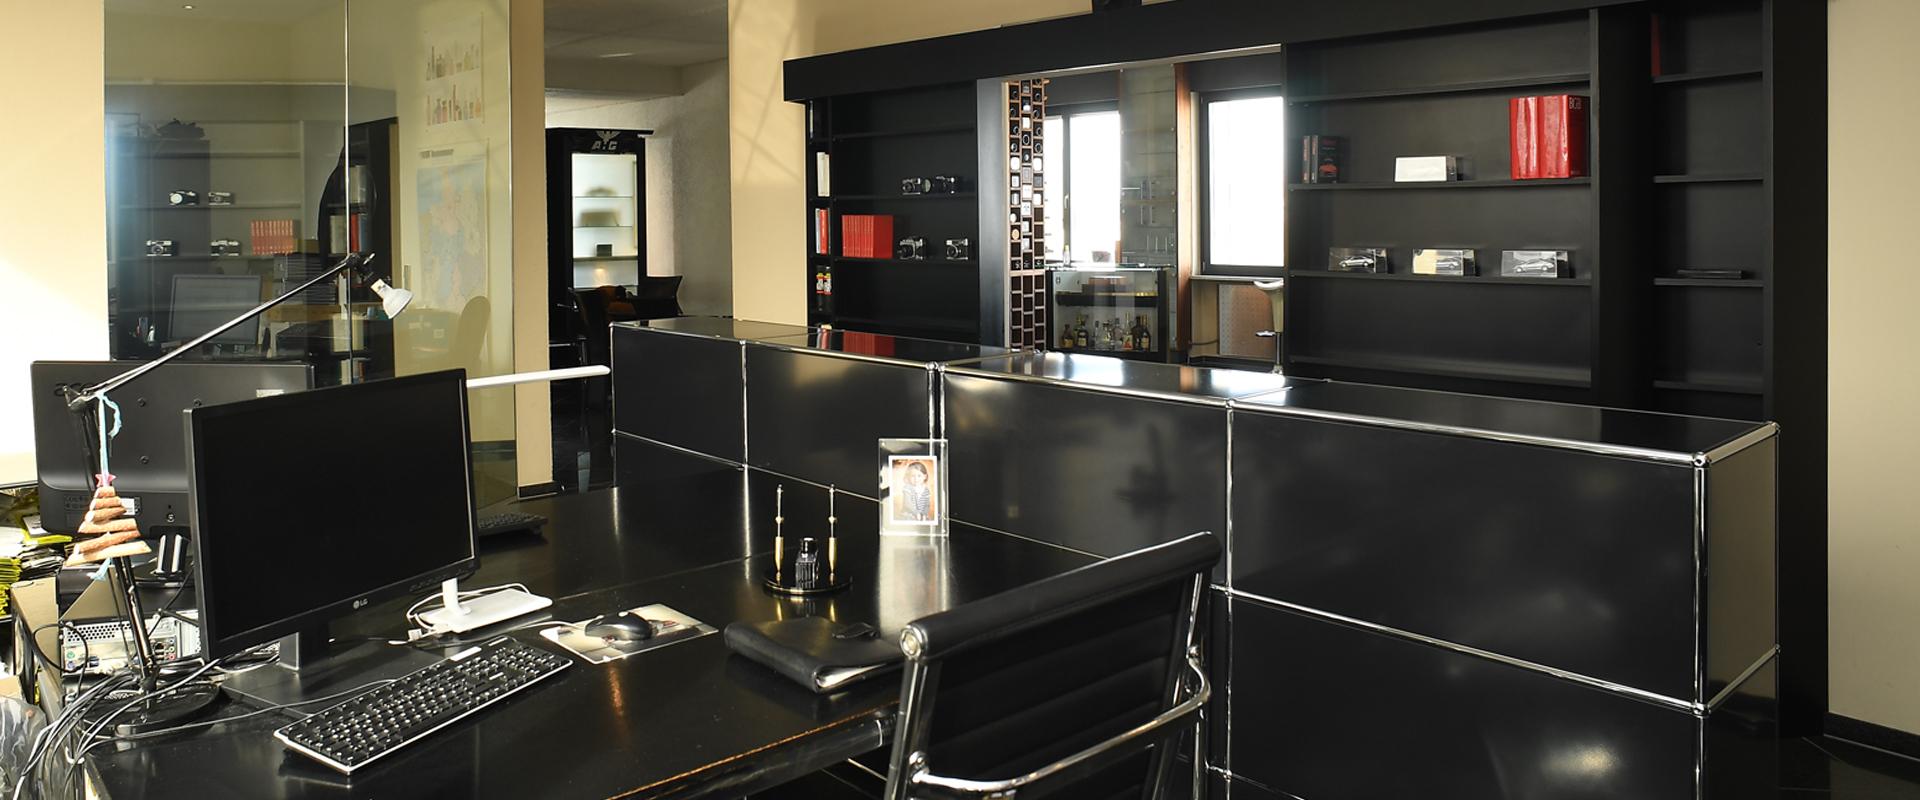 b ro kehl virtuelles b ro in kehl coworking arbeitsplatz gesch ftsadresse b ror ume in kehl. Black Bedroom Furniture Sets. Home Design Ideas